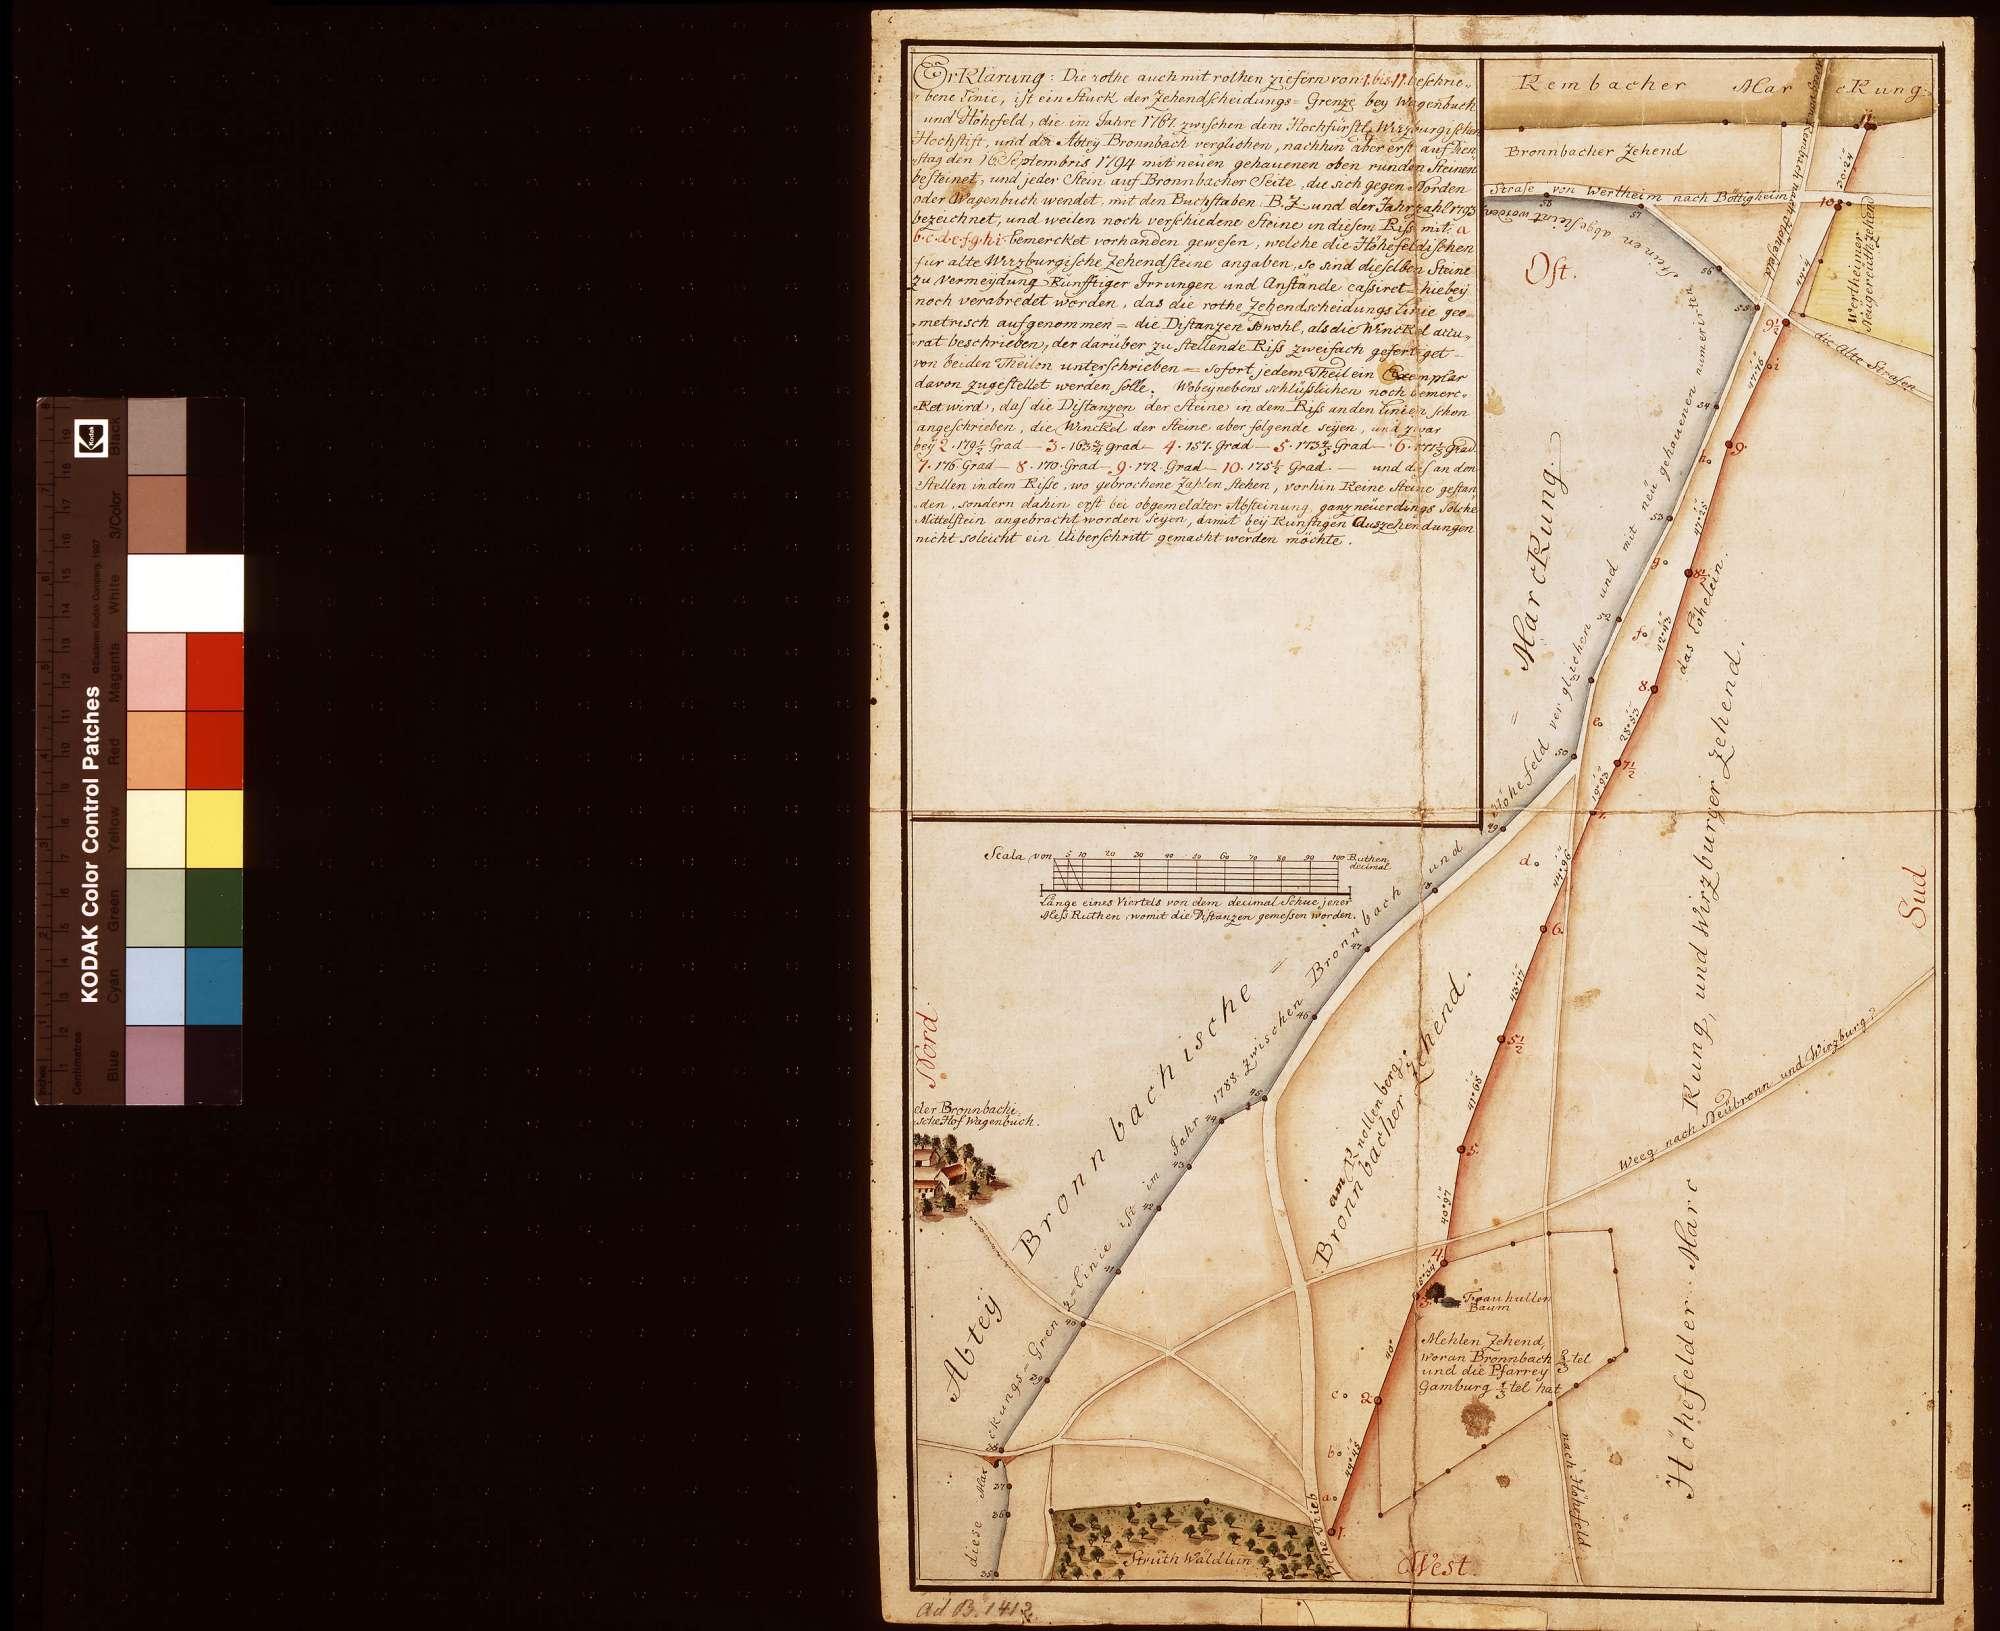 [Zehntscheidungsgrenze zwischen dem Bronnbacher Hof Wagenbuch und Höhefeld, aufgenommen anlässlich der Neuabsteinung am 16. September 1794], Bild 1